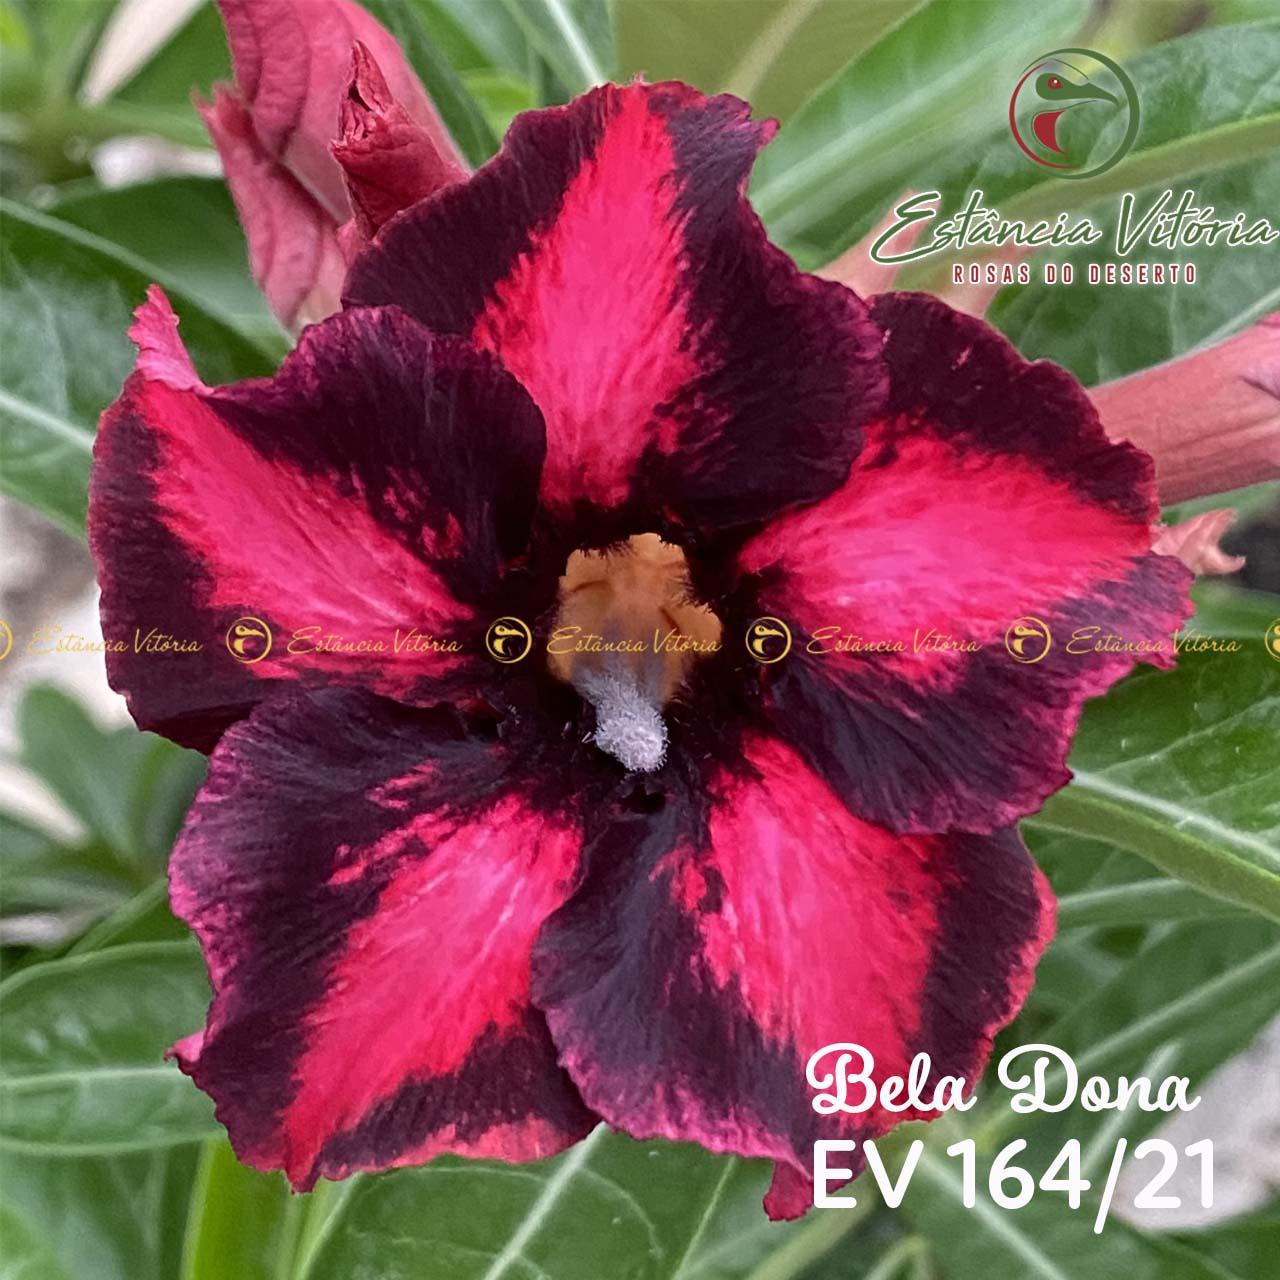 Muda de Rosa do Deserto Bela Dona EV-16421